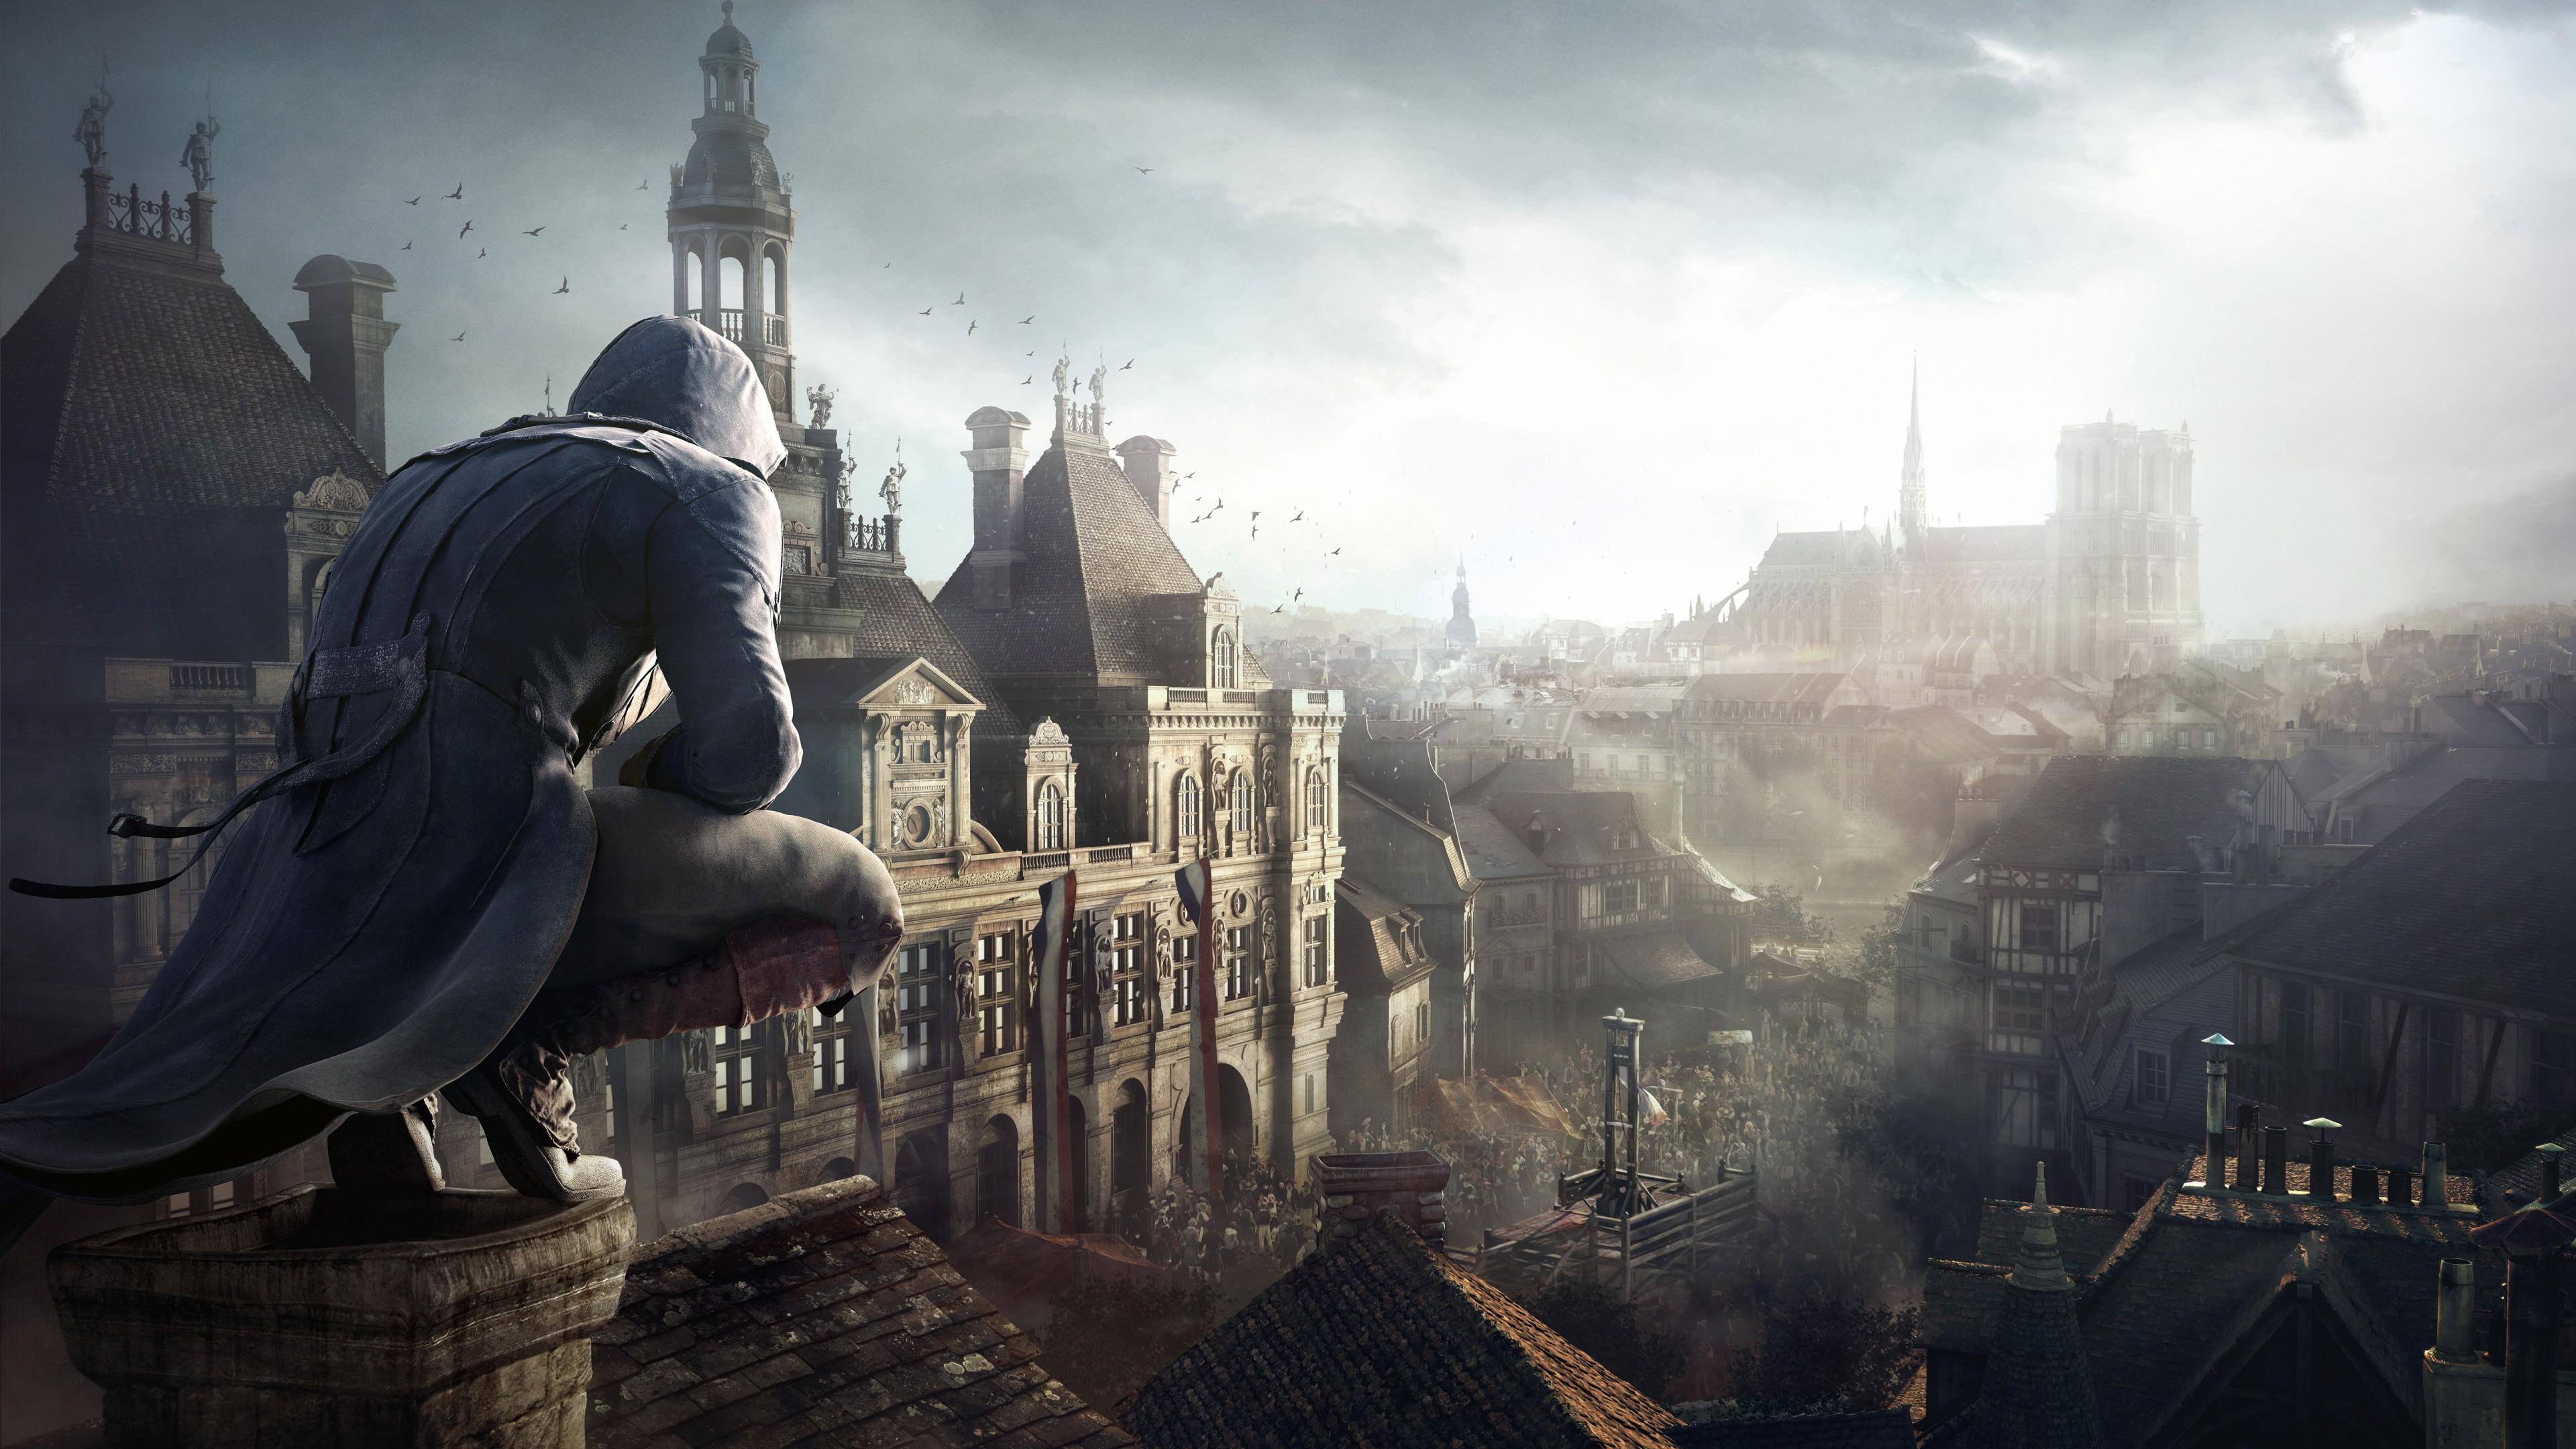 Воин на самой высокой башне в полуразрушенном городе